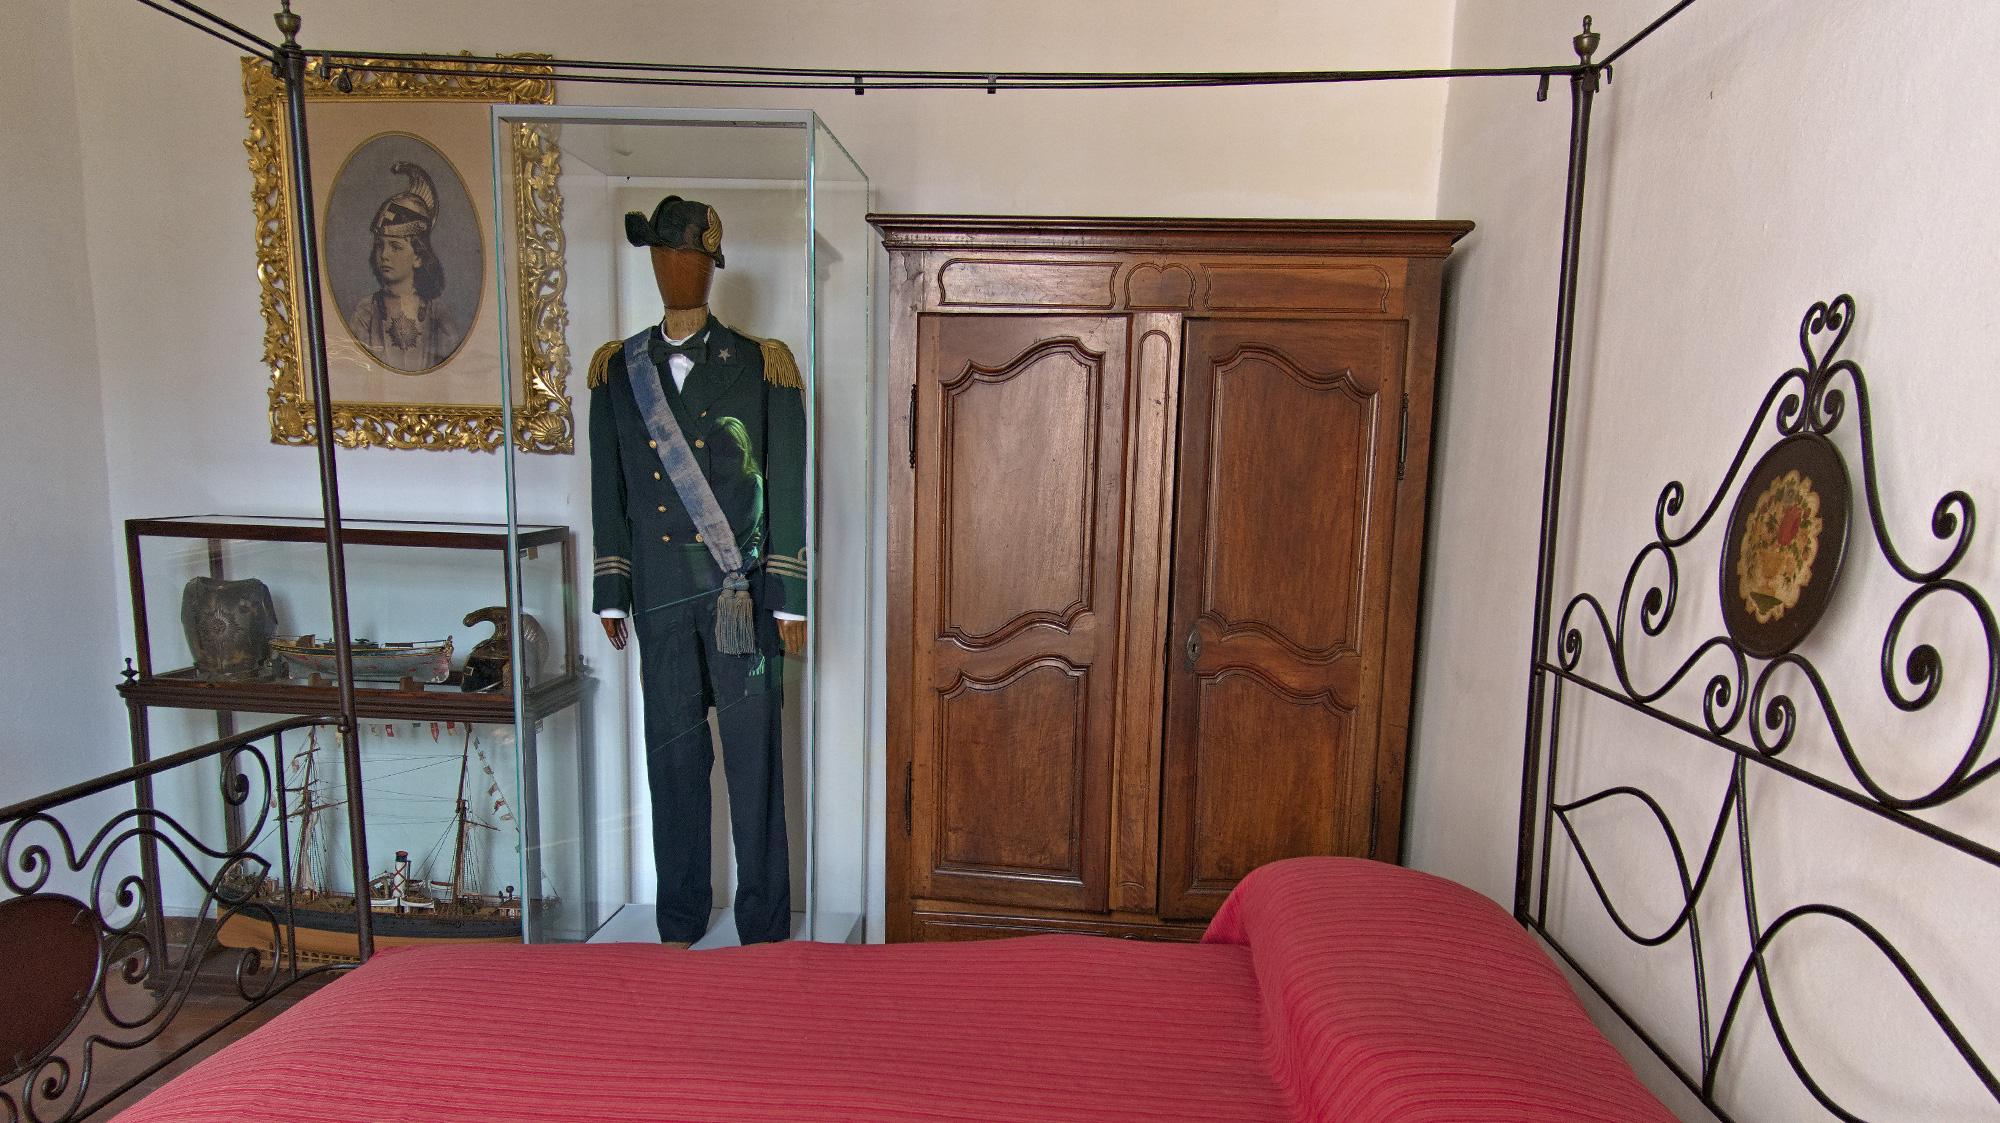 Im Schlafzimmer des Garibaldi-Sohns